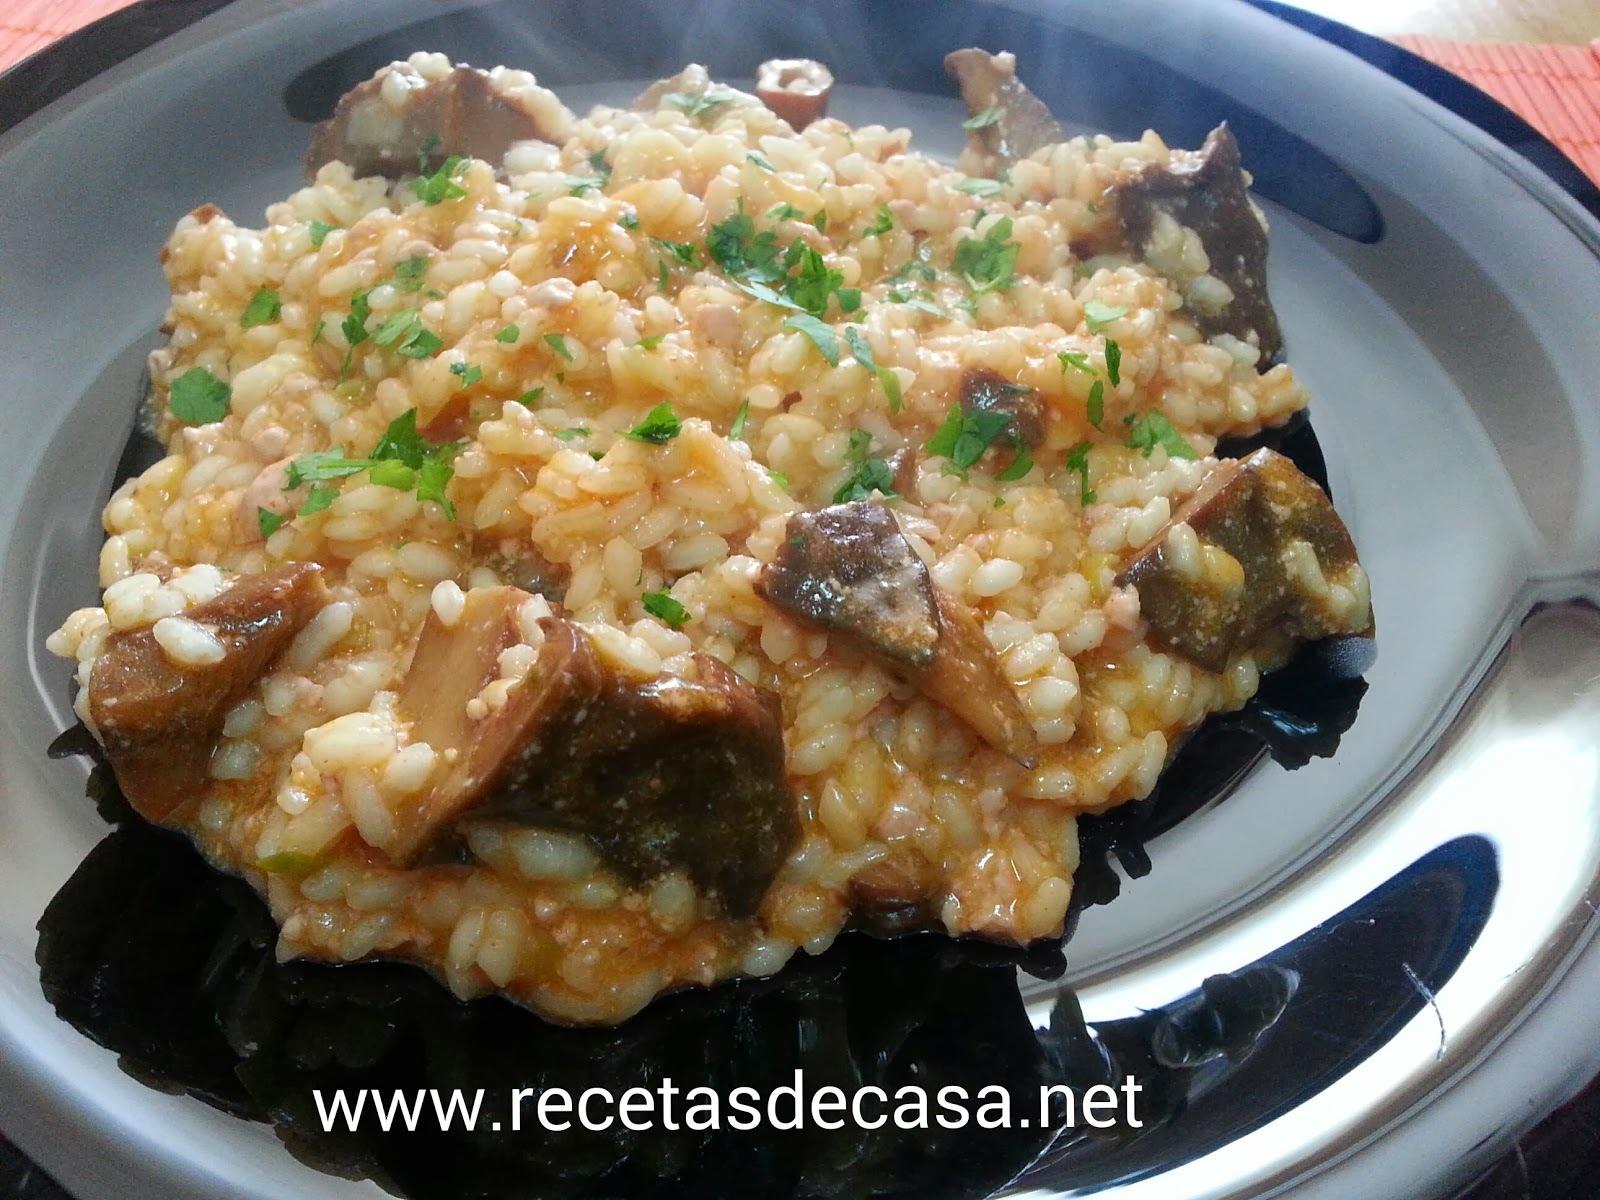 Risoto con mousse de pato, parmesano y níscalo